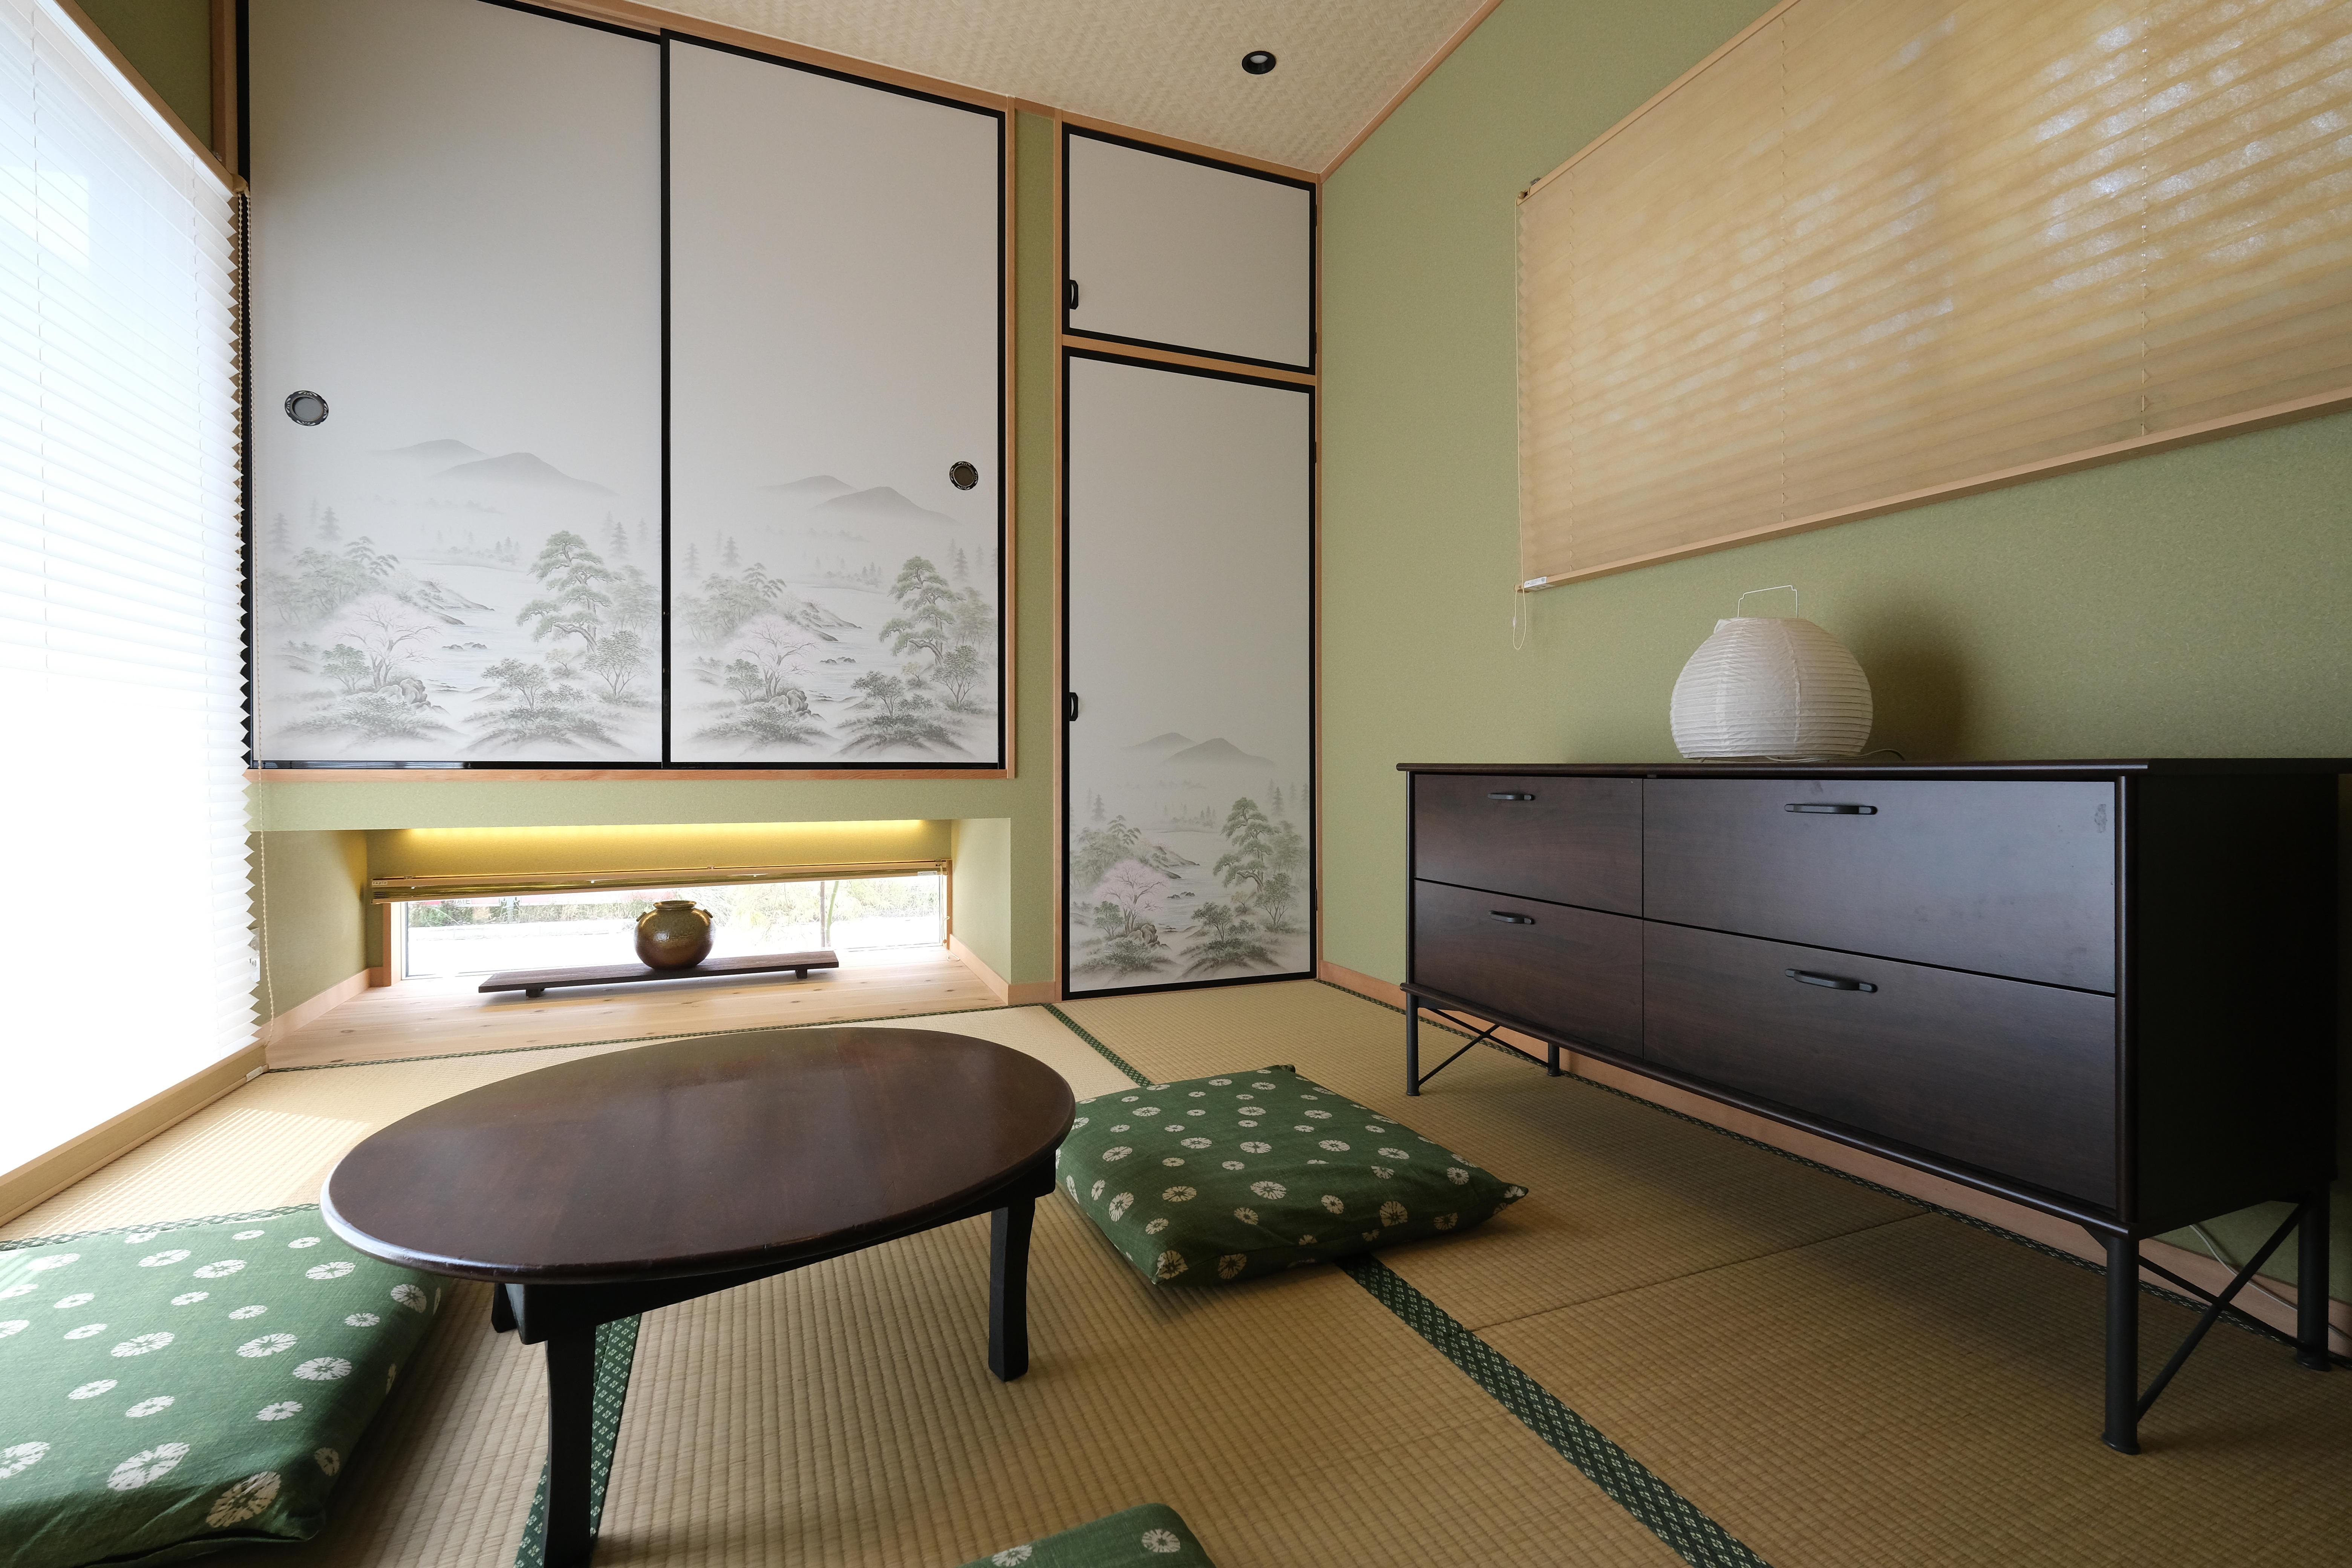 http://www.tanakajuken.com/blog/images/DSCF3279.JPG